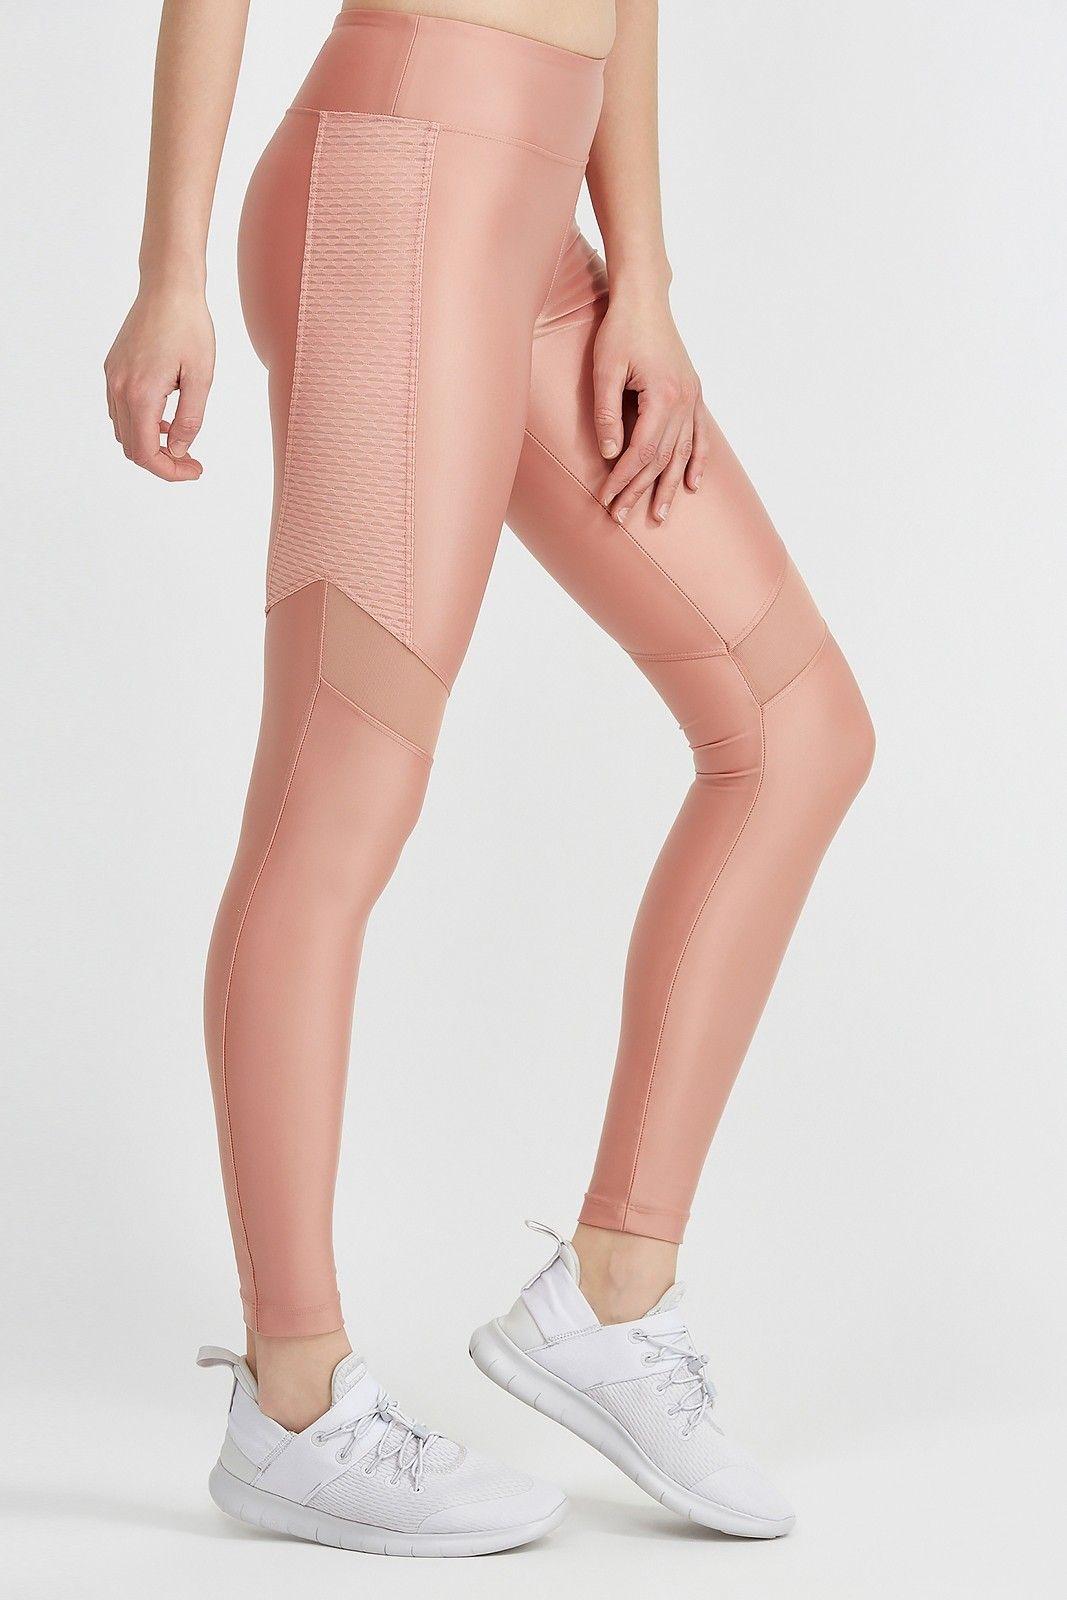 bdc63ee553a54 Koral | SHINE | Workout leggings, Athletic fashion, Trousers women